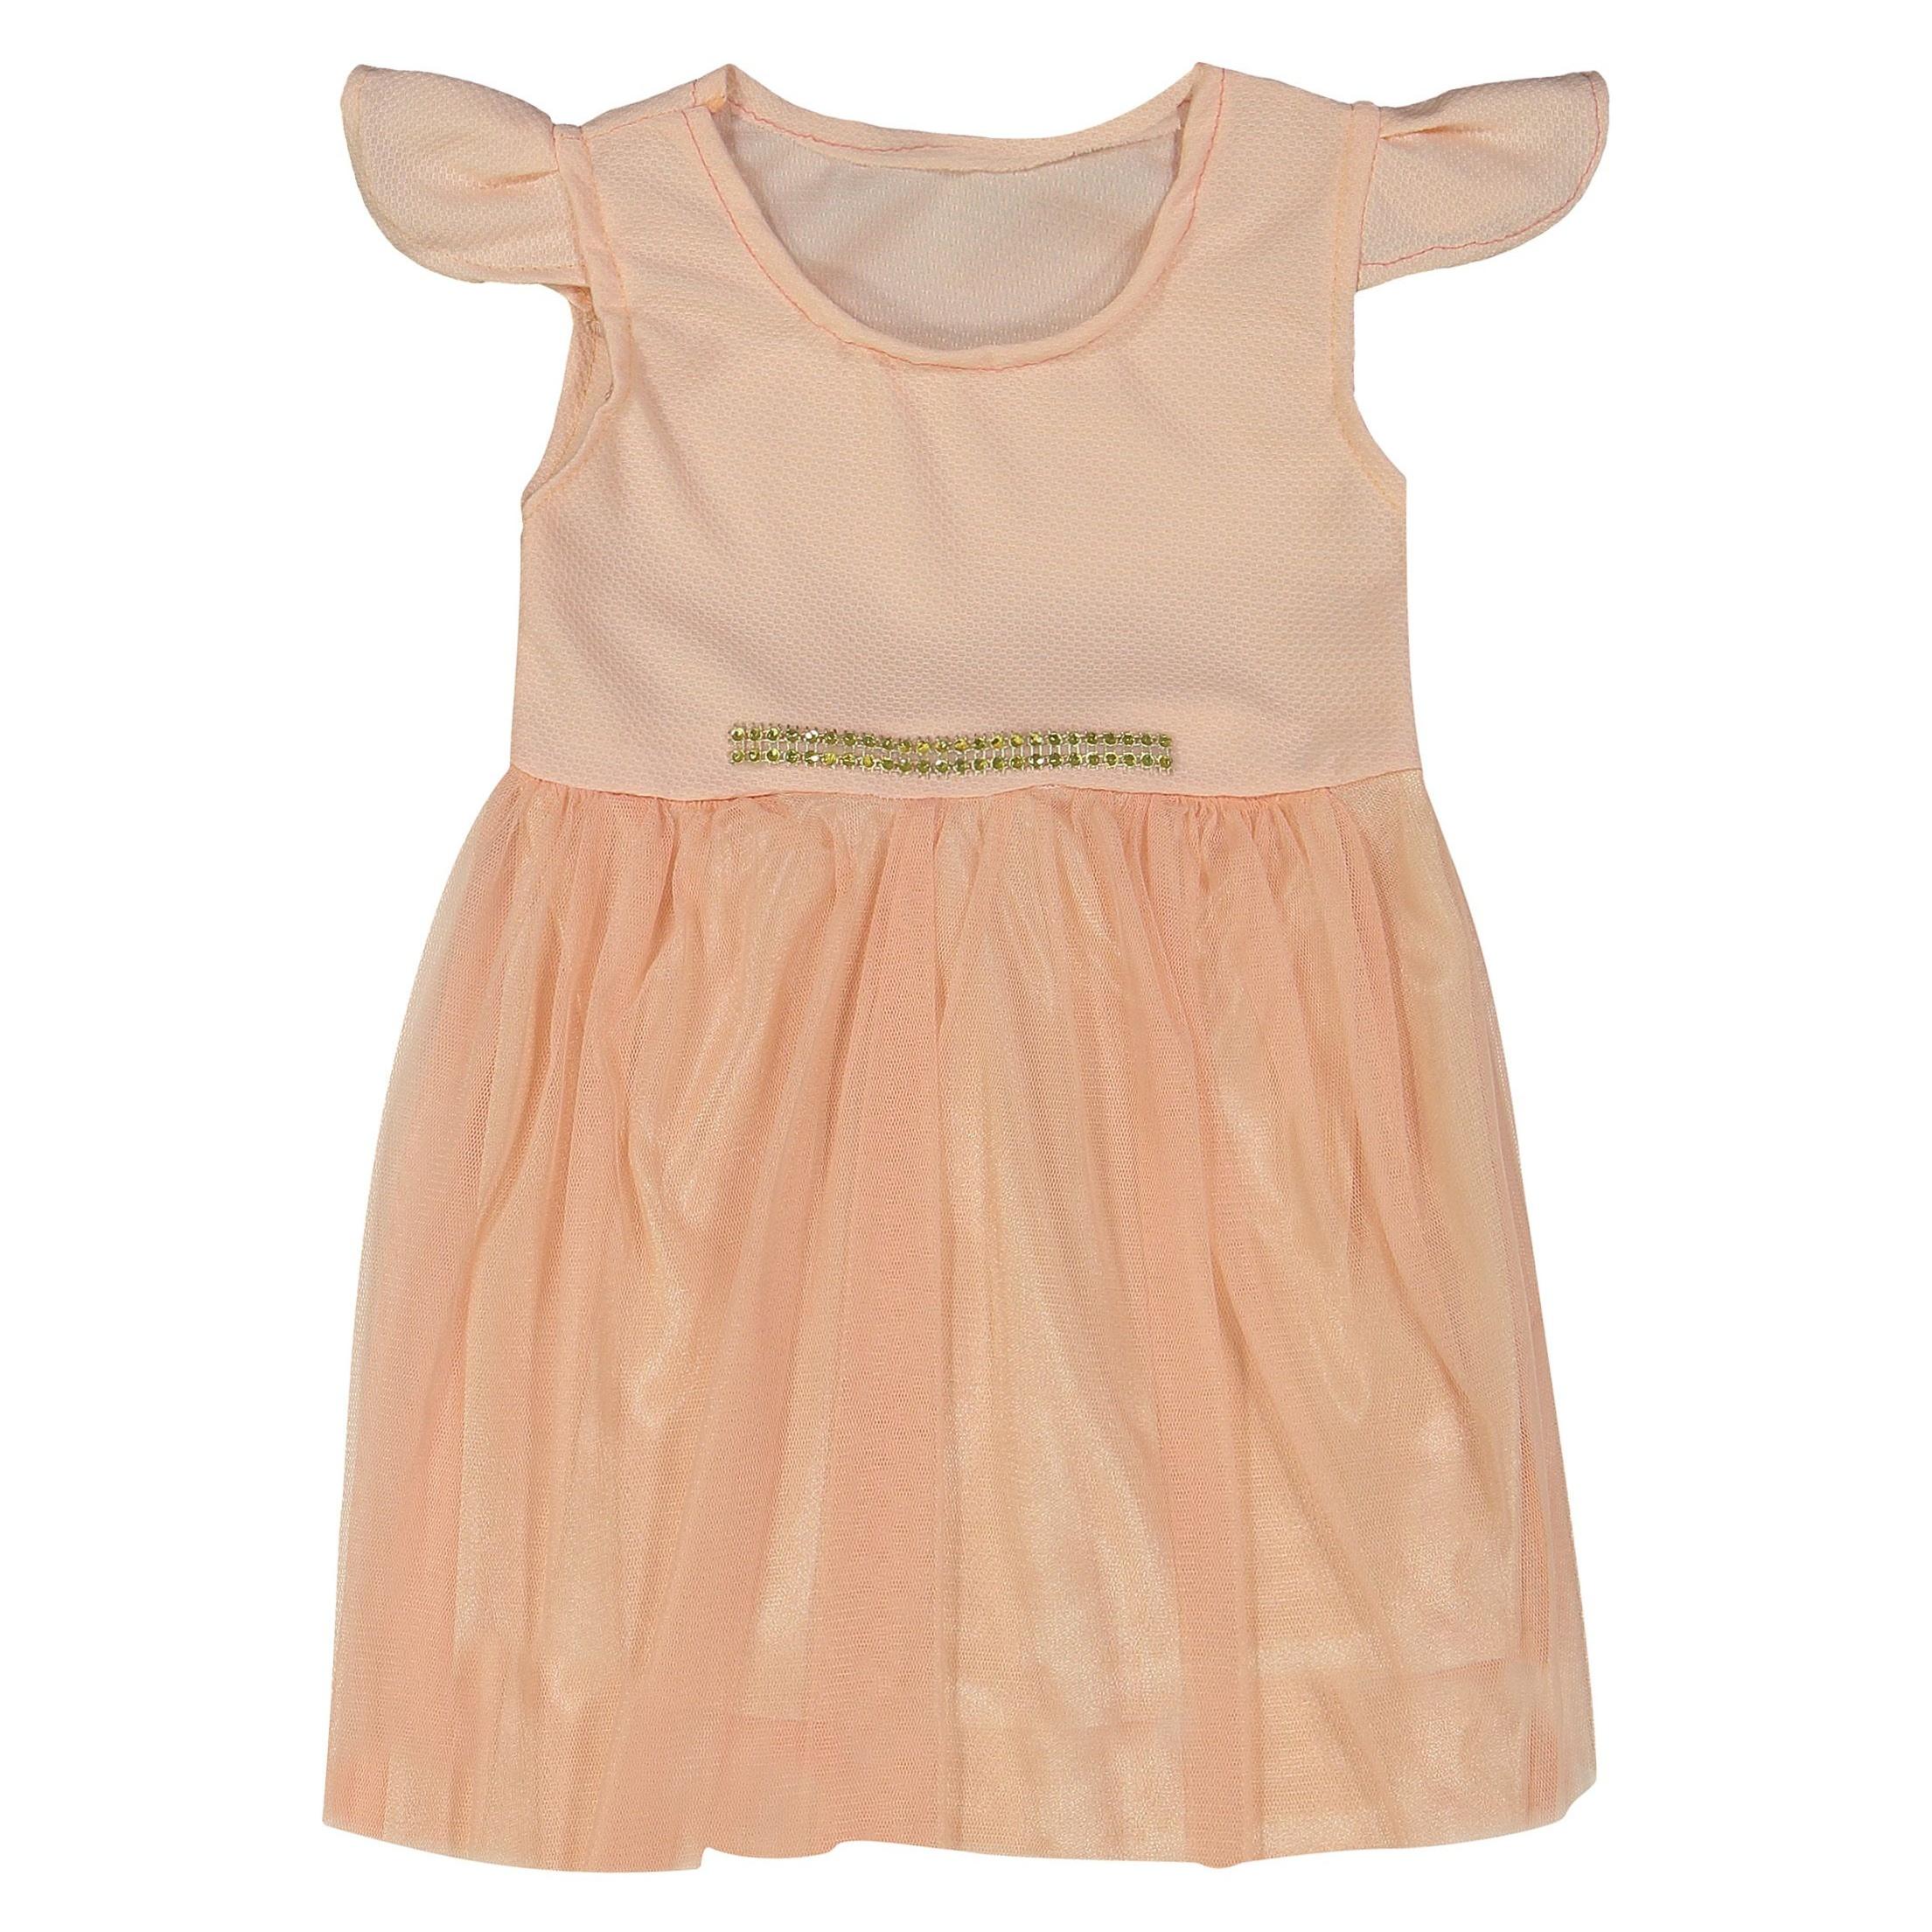 پیراهن دخترانه کد 102.2.1 مجموعه 3 عددی main 1 3